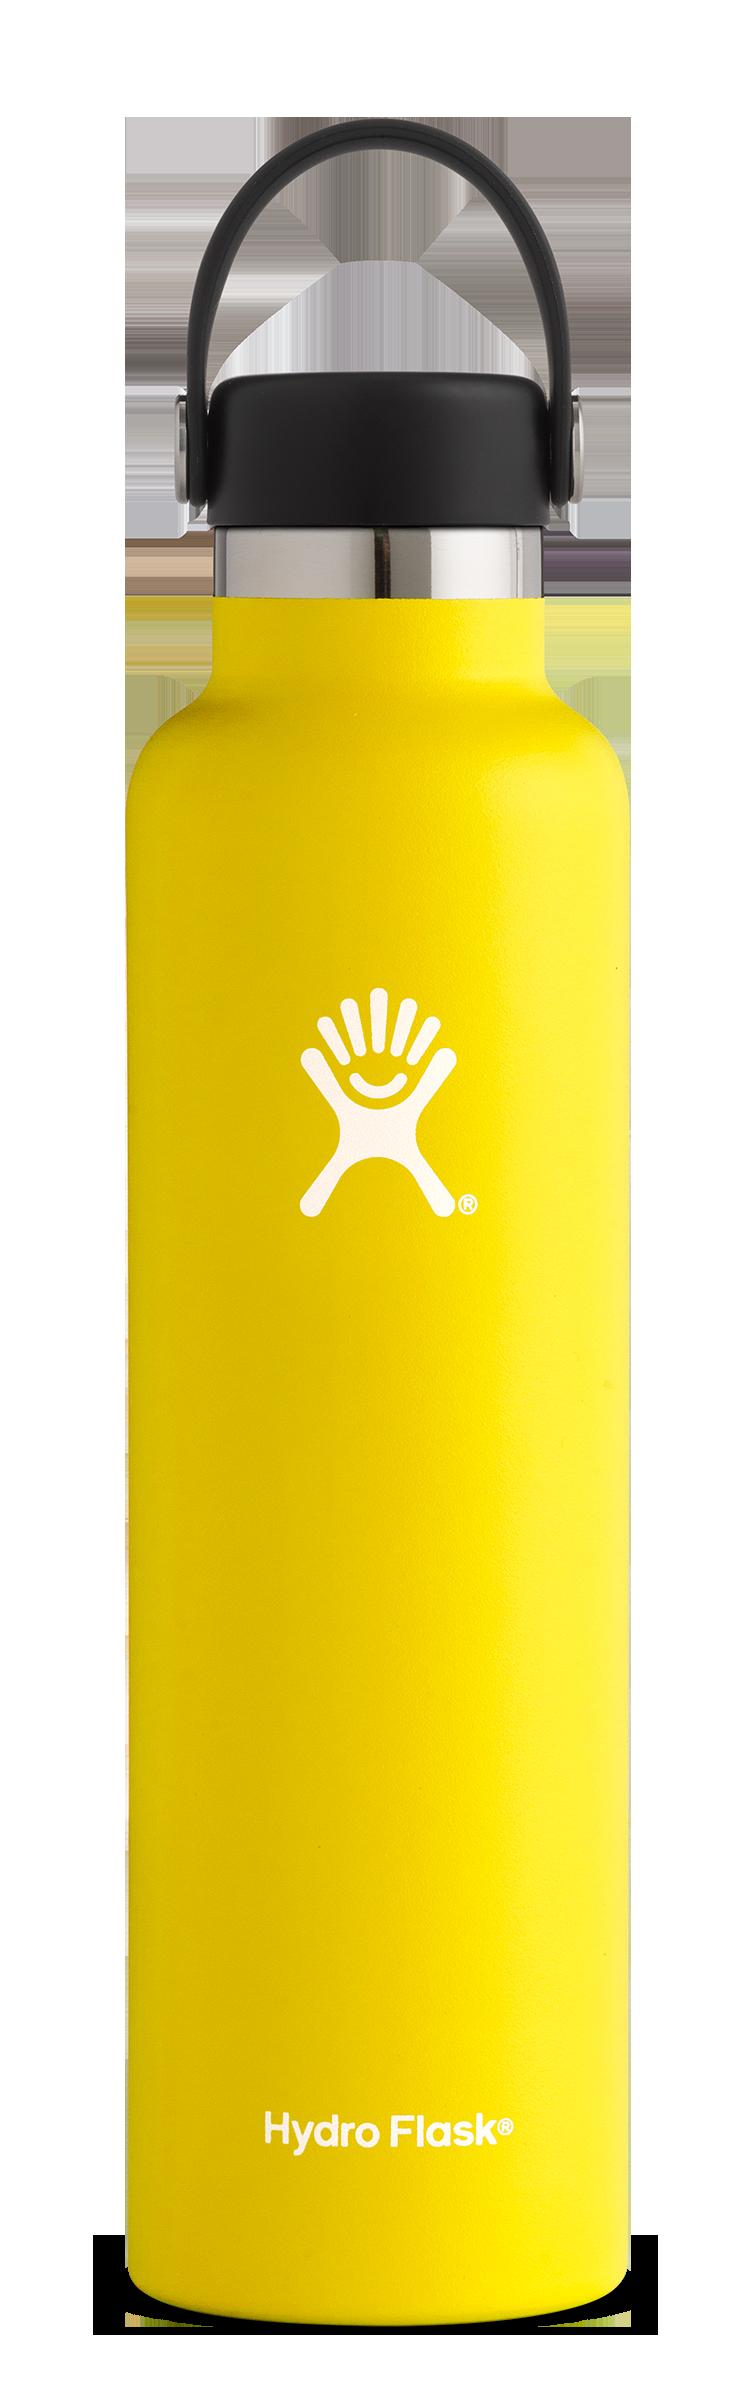 Hydro-Flask-24-oz-Standard-Mouth-Lemon